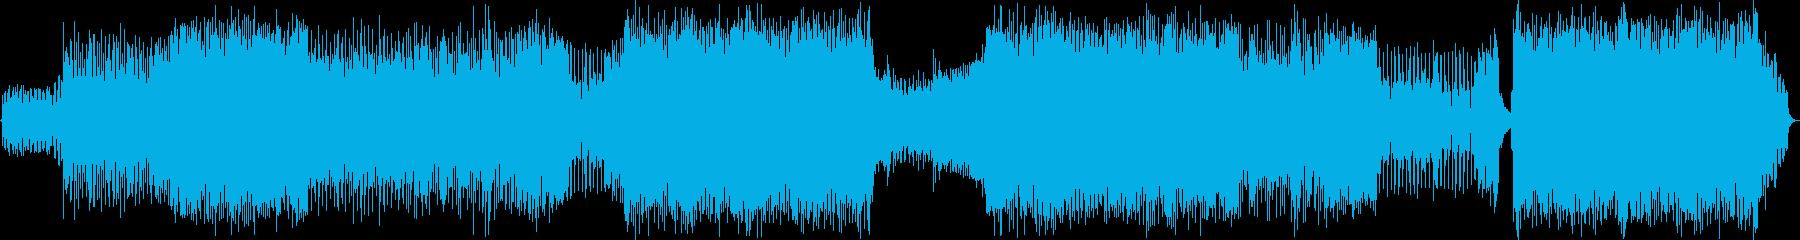 【メロ抜き】アコギ+EDM の再生済みの波形